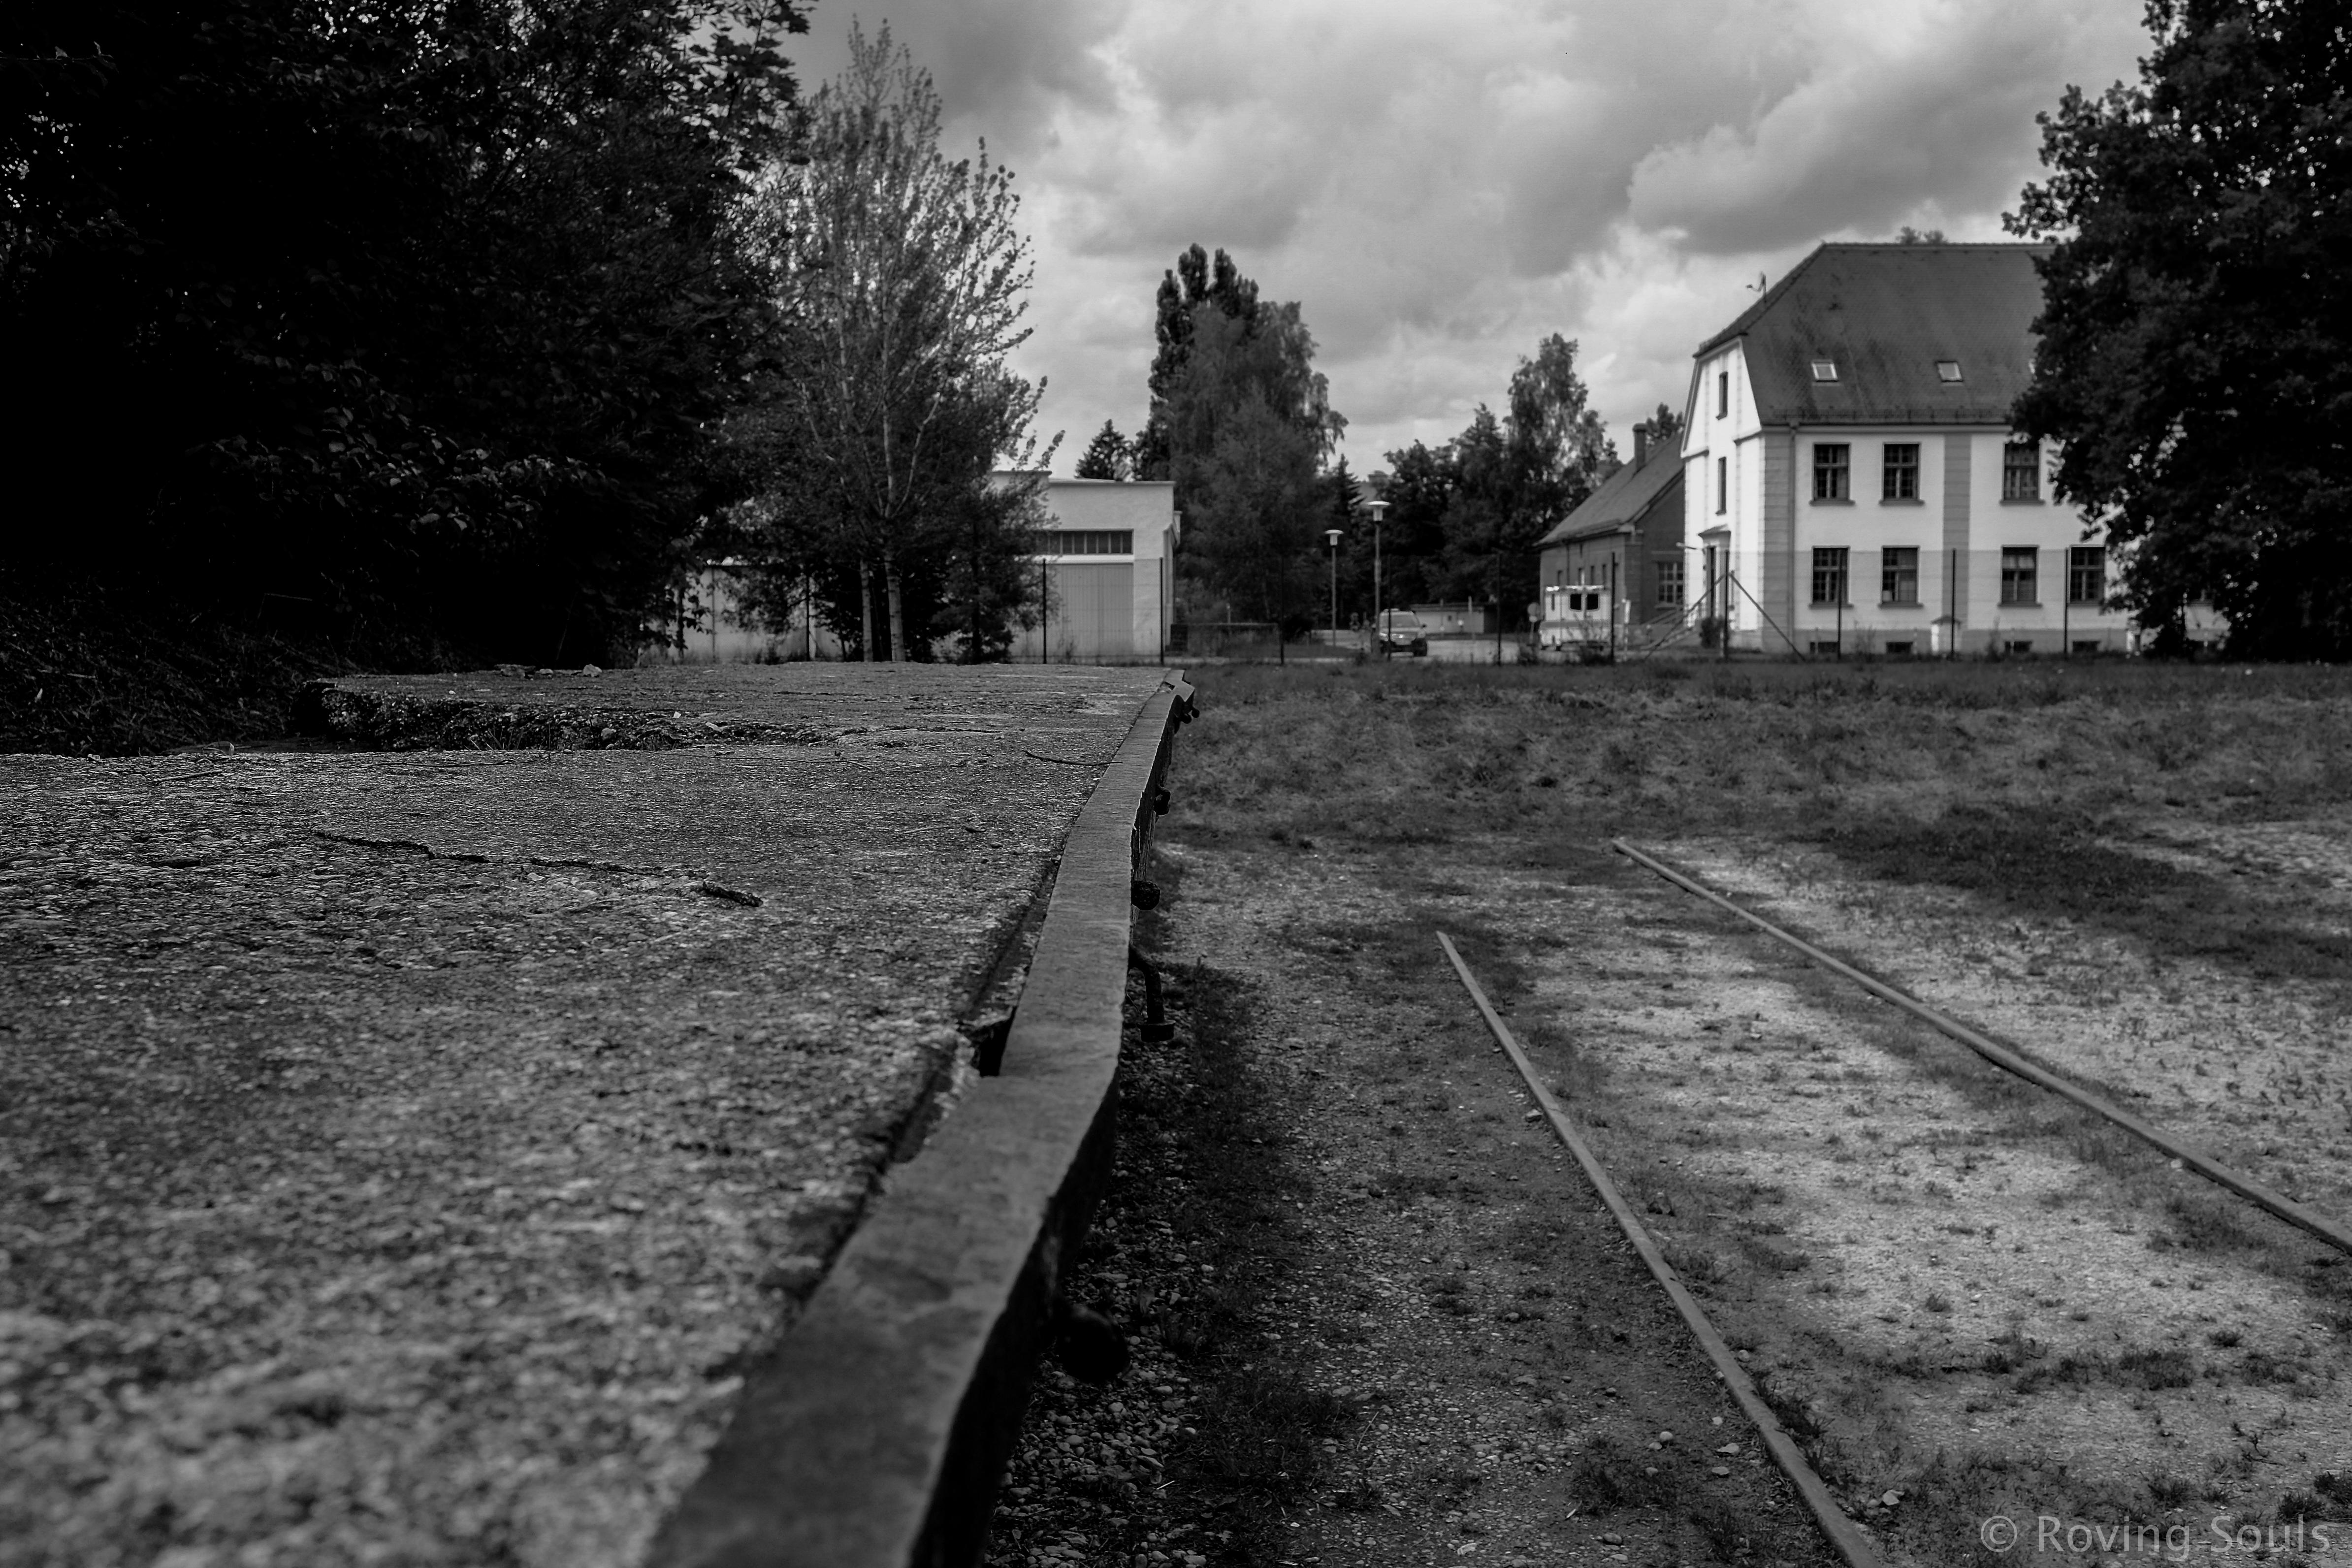 Dachau, Germany August 2016